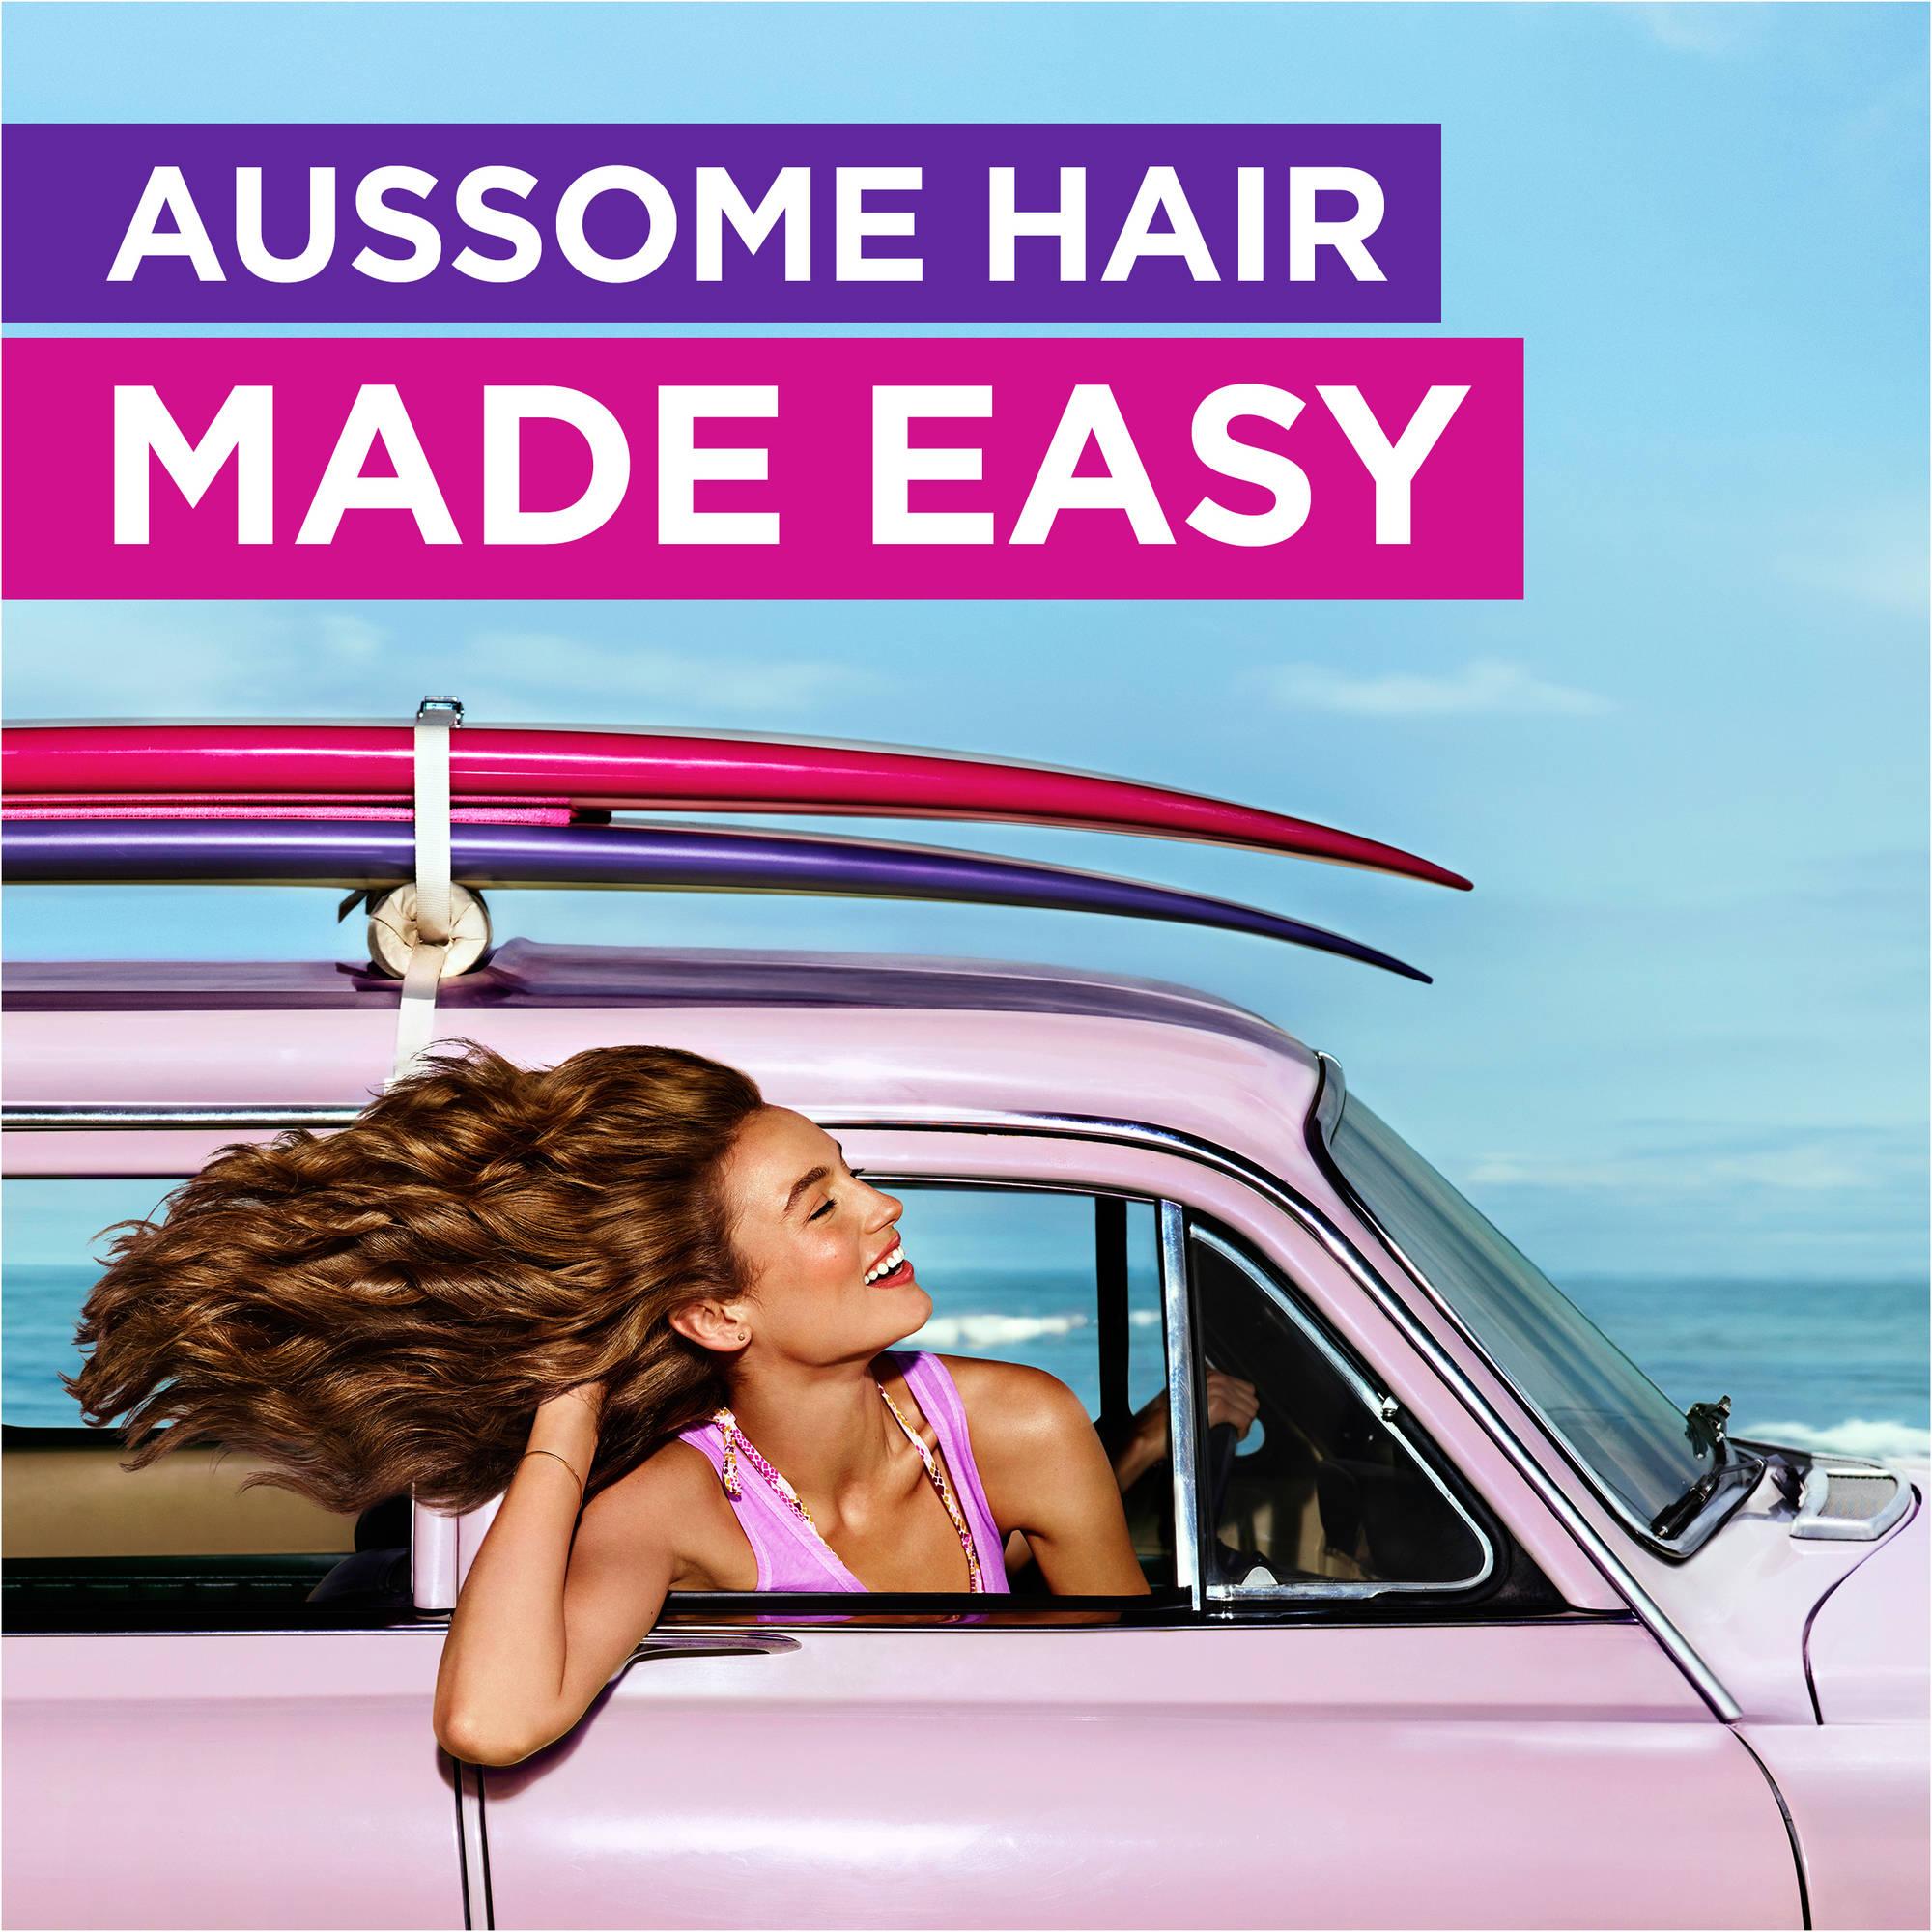 Aussie - Aussome hair made easy